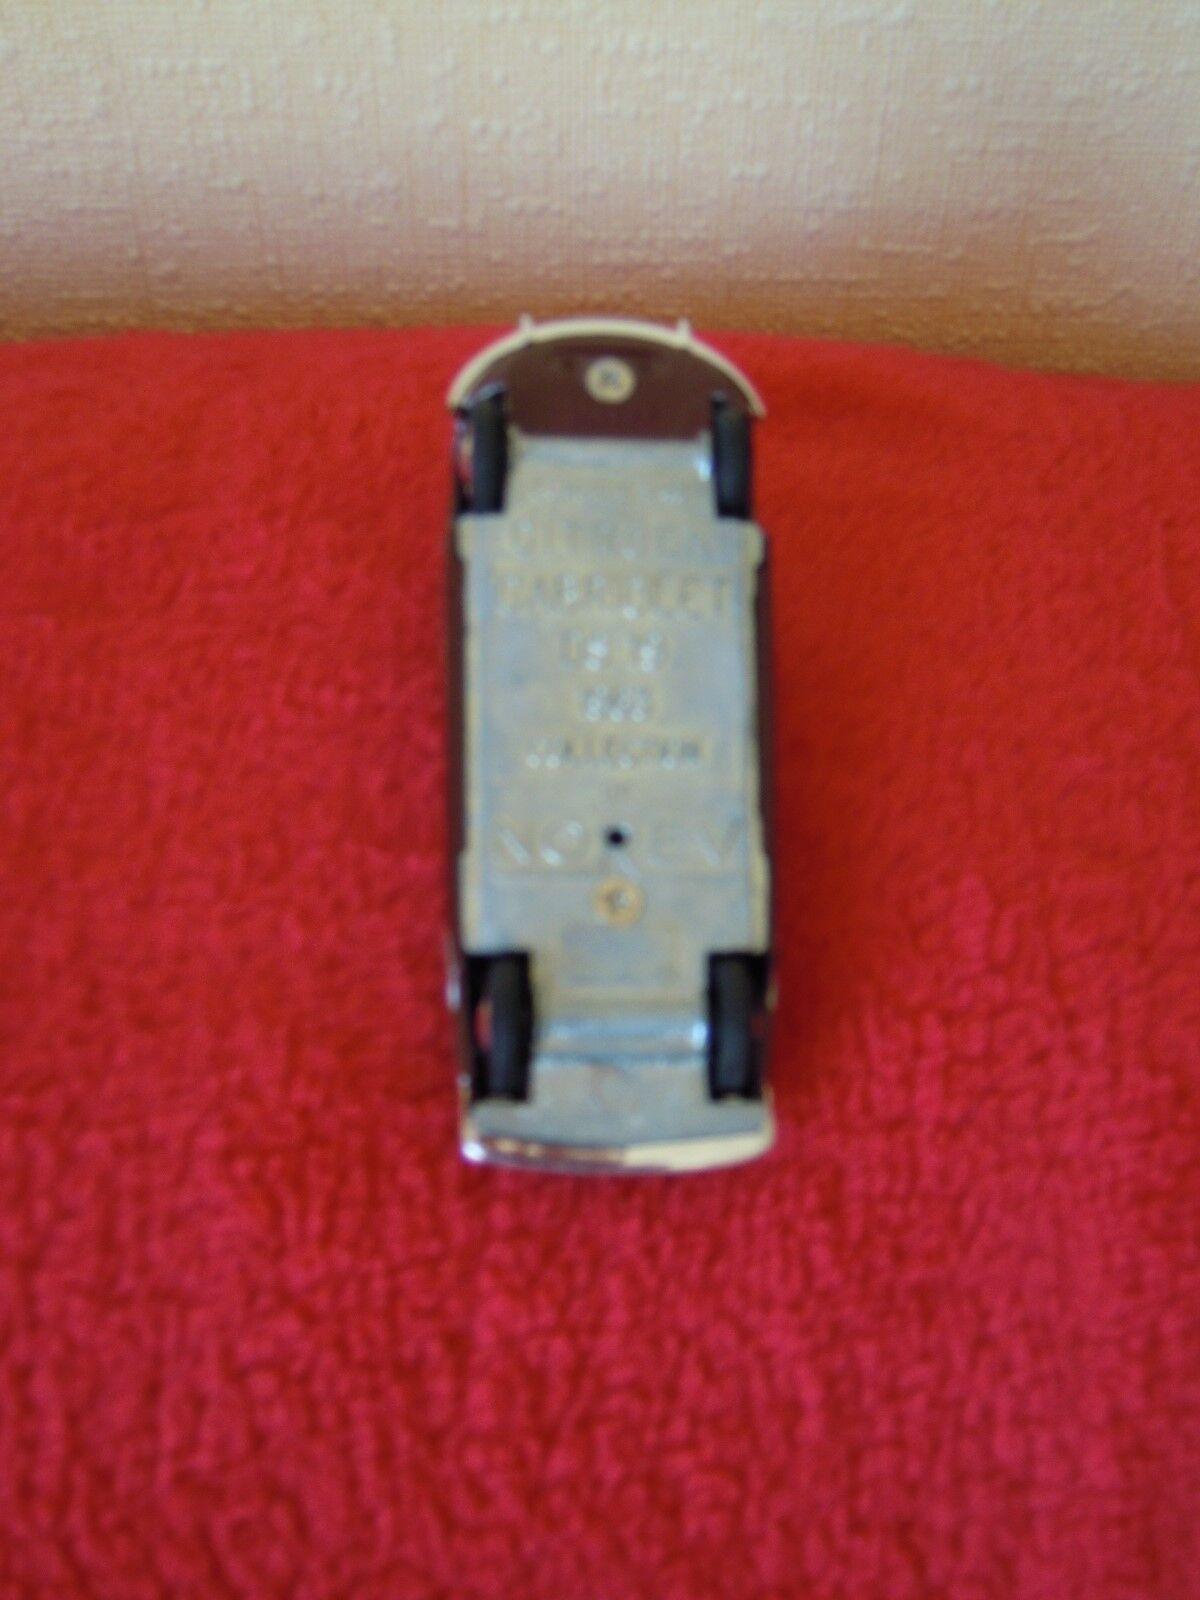 VOITURE MINIATURE 1 43 - CITROËN DS 19 DECAPOTABLE DECAPOTABLE DECAPOTABLE NOREV - 1963 METAL CABRIOLET c9b1a5